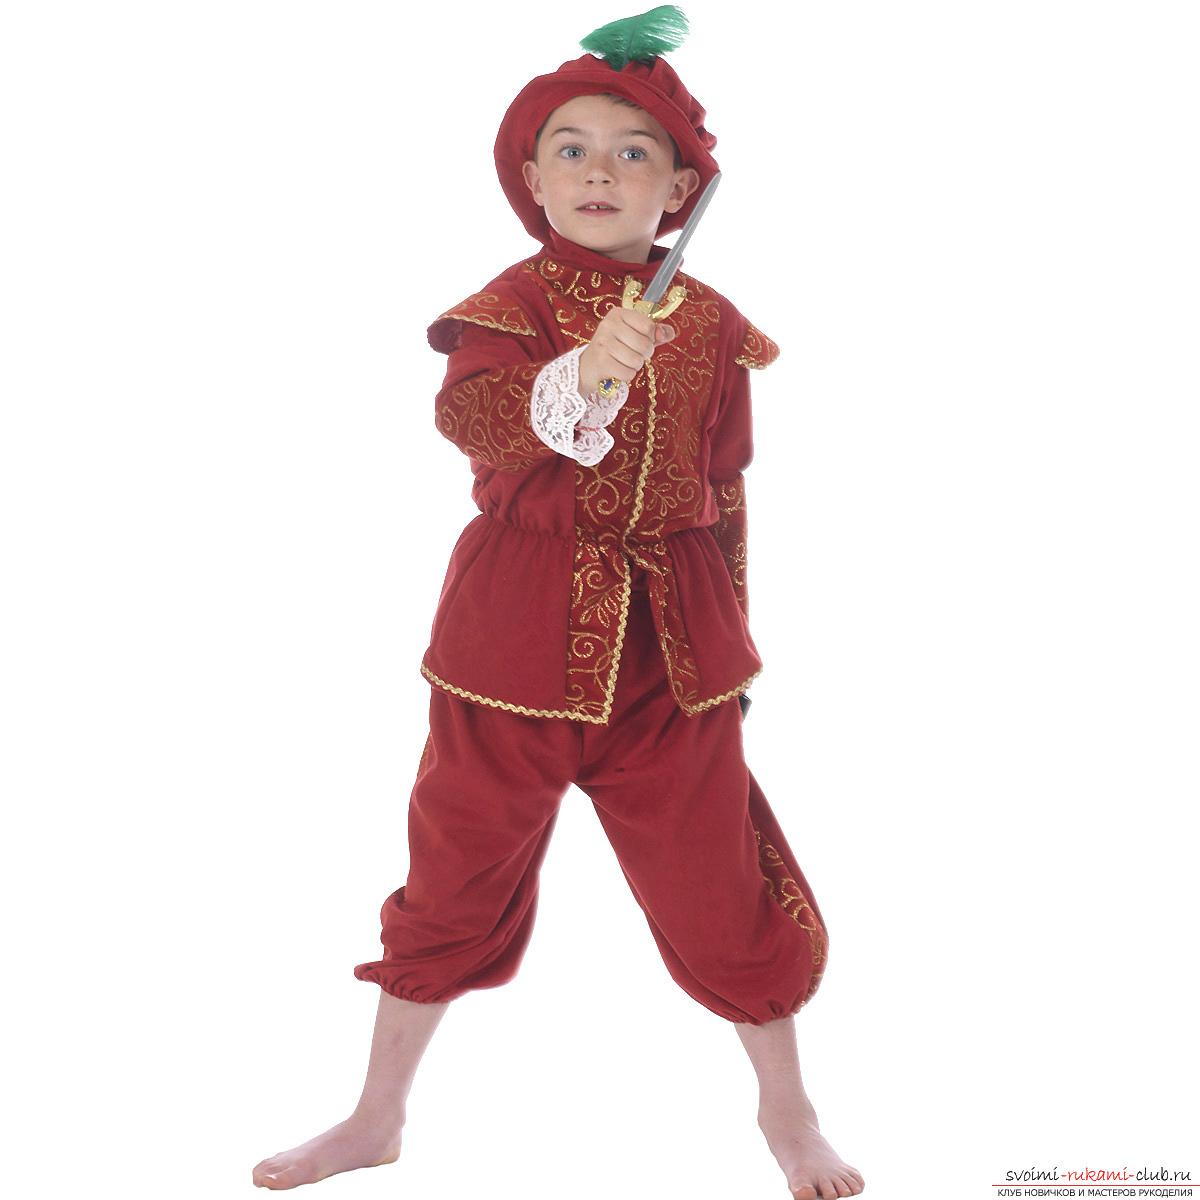 Как сделать костюм пирата для мальчика своими